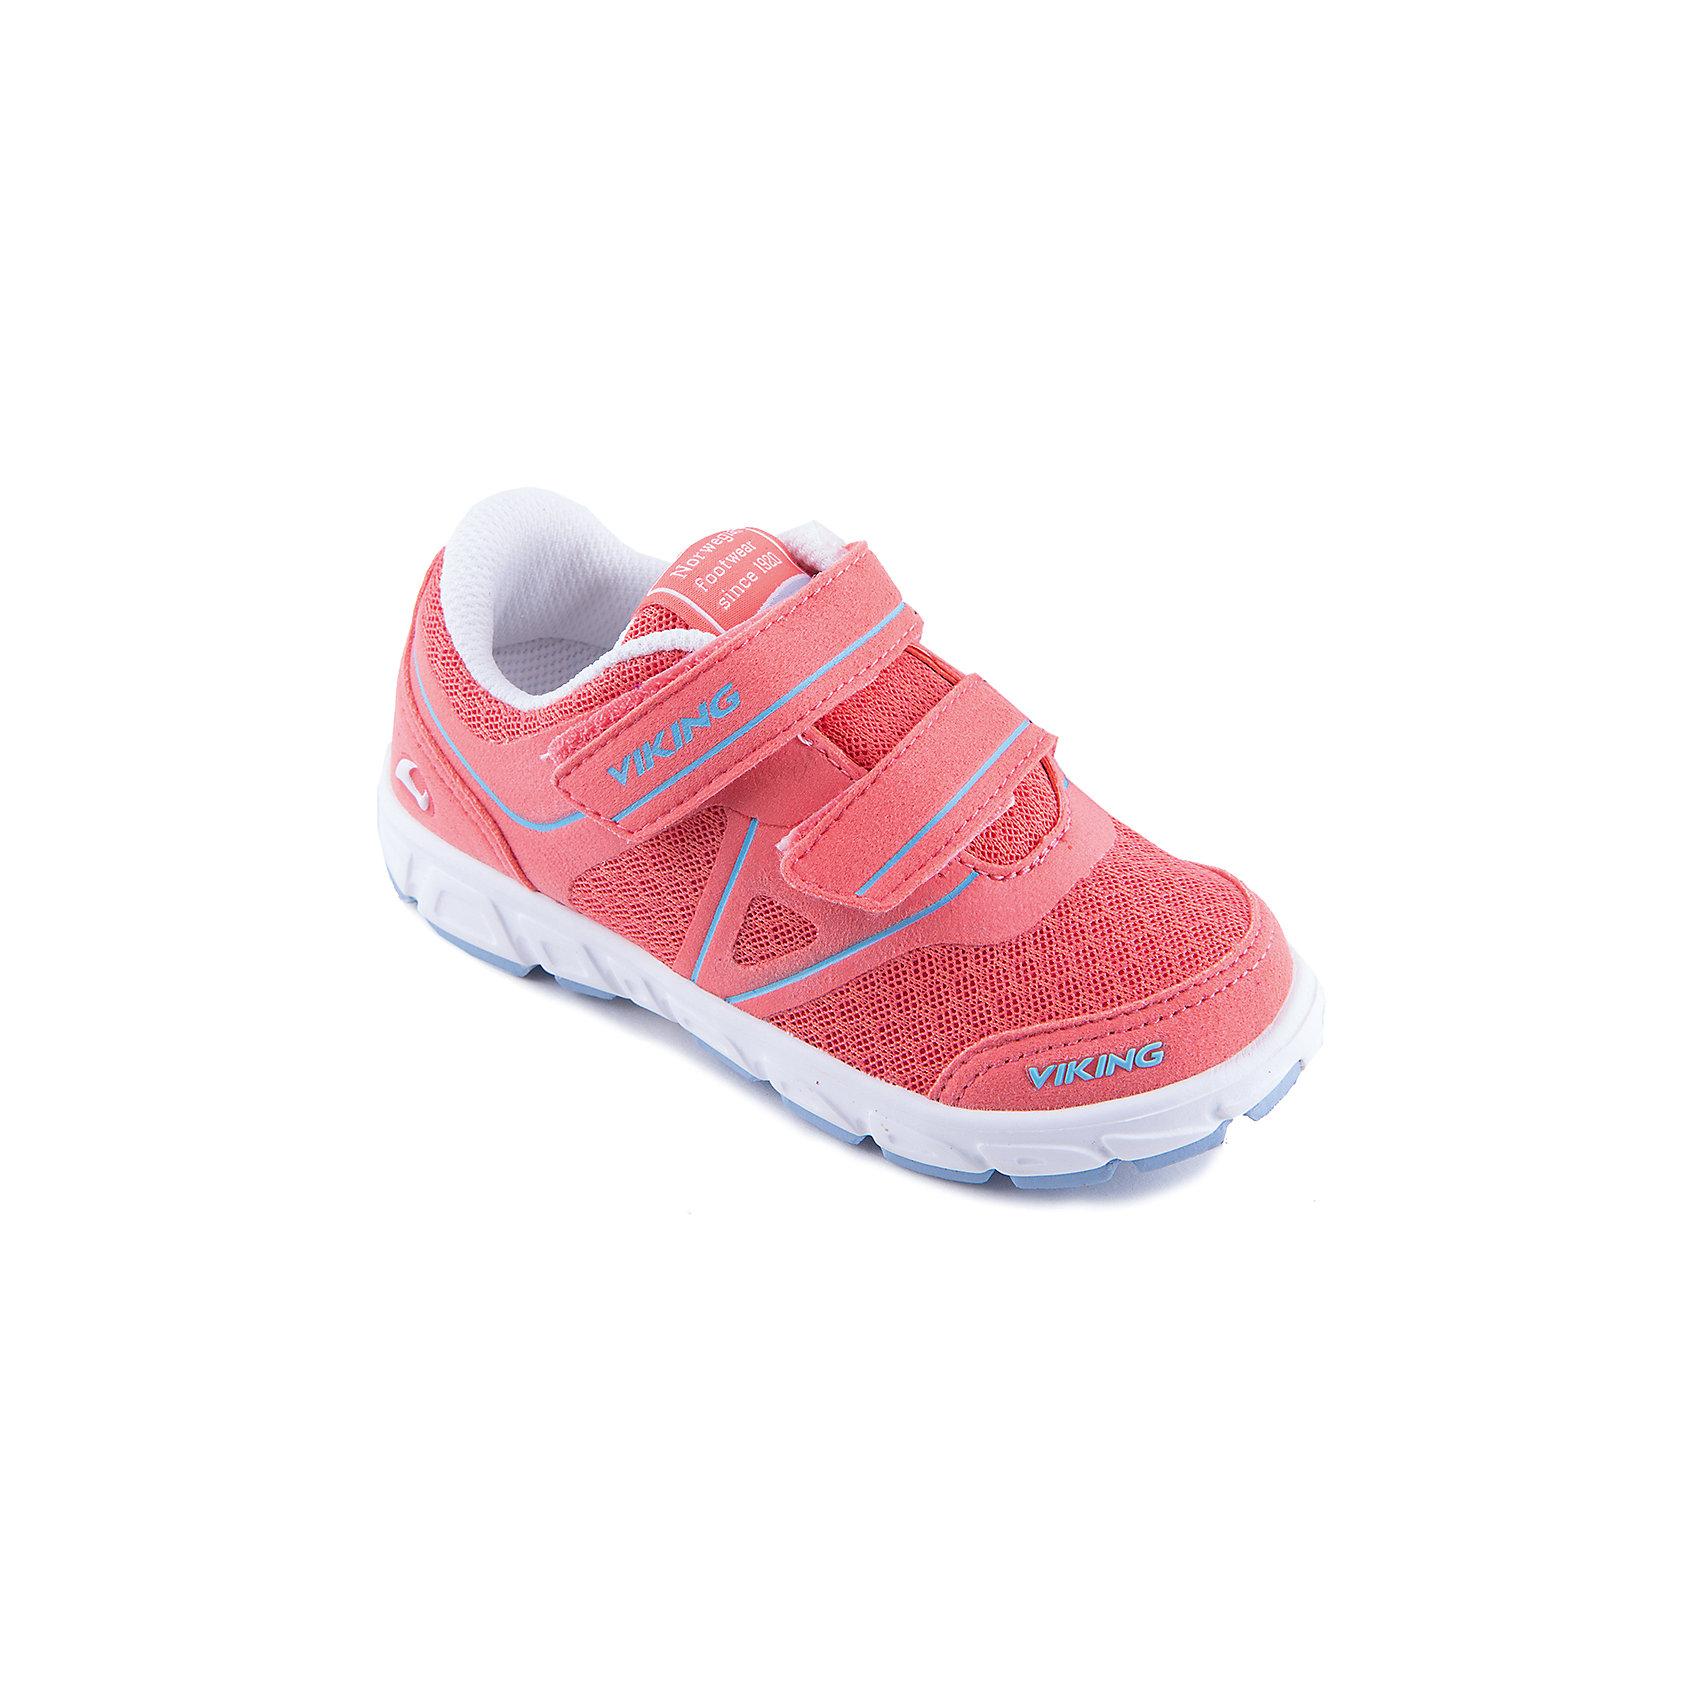 Кроссовки для девочки VIKINGКроссовки для девочки от марки VIKING - прекрасный вариант для повседневной носки или же активного отдыха. Модель на липучке имеет рифленую подошву, нос и задник из влагоустойчивого материала и тканевые вставки для вентиляции ноги. Кроссовки яркой расцветки изготовлены из высококачественных материалов, очень удобные и практичные. <br><br>Дополнительная информация:<br><br>- Тип застежки: липучка. <br>- Декоративные элементы: логотип бренда.<br>- Стирка: щадящий режим, 30 ?. <br>Параметры для размера 24.<br>- Толщина подошвы: 1,7 см.<br>- Высота каблука: 2,3 см.<br>Состав:<br>текстиль, искусственная кожа, этиленвинилацетат, натуральная резина.<br><br>Полуботинки для девочки VIKING (Викинг) можно купить в нашем магазине.<br><br>Ширина мм: 262<br>Глубина мм: 176<br>Высота мм: 97<br>Вес г: 427<br>Цвет: красный<br>Возраст от месяцев: 96<br>Возраст до месяцев: 108<br>Пол: Женский<br>Возраст: Детский<br>Размер: 24,25,26,28,29,30,32,27,31,33,34,35<br>SKU: 4233353